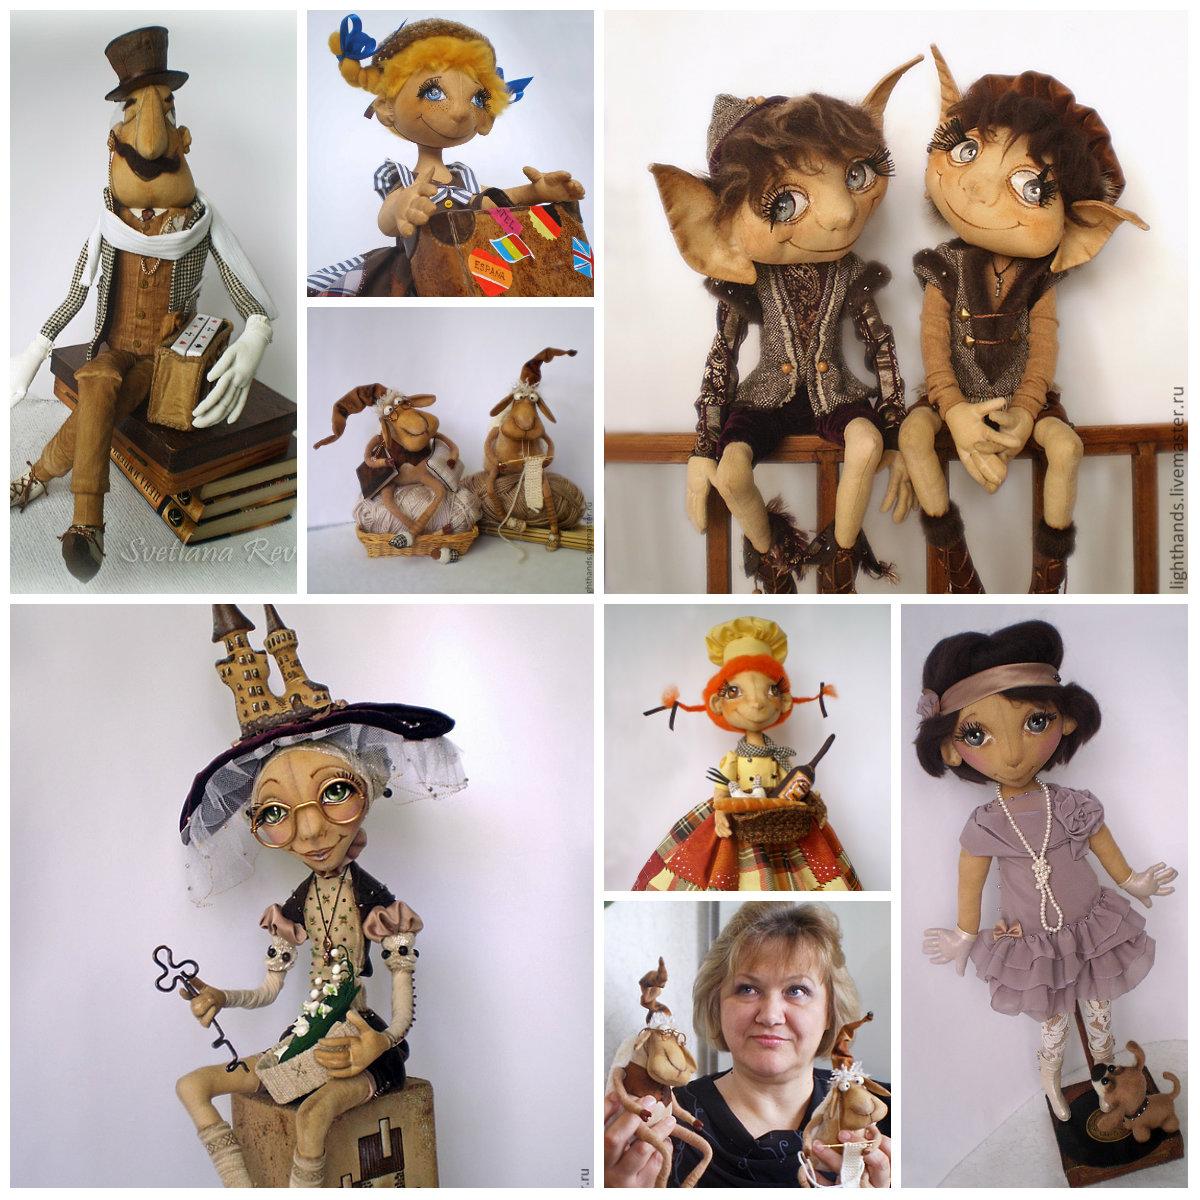 текстильные куклы Светланы Ревво